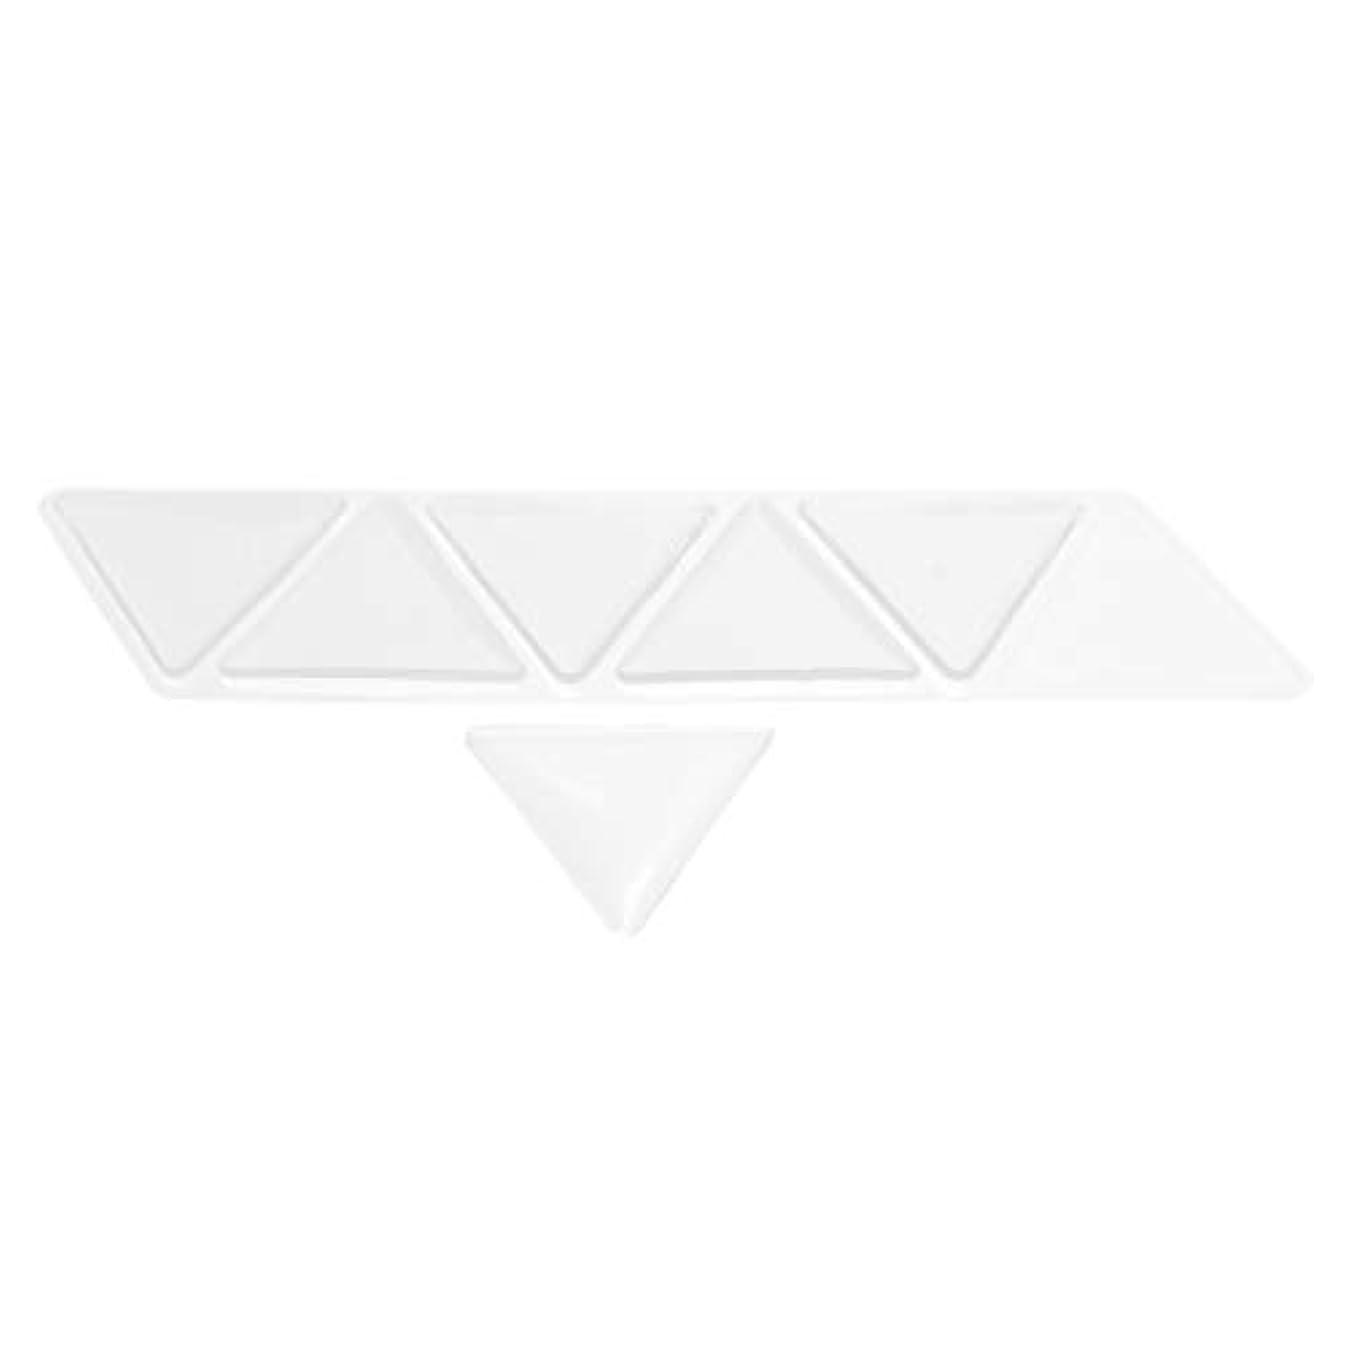 操作はがき挨拶する額パッド シリコン 透明 額スキンケア 再利用可能な 目に見えない 三角パッド 6個セット